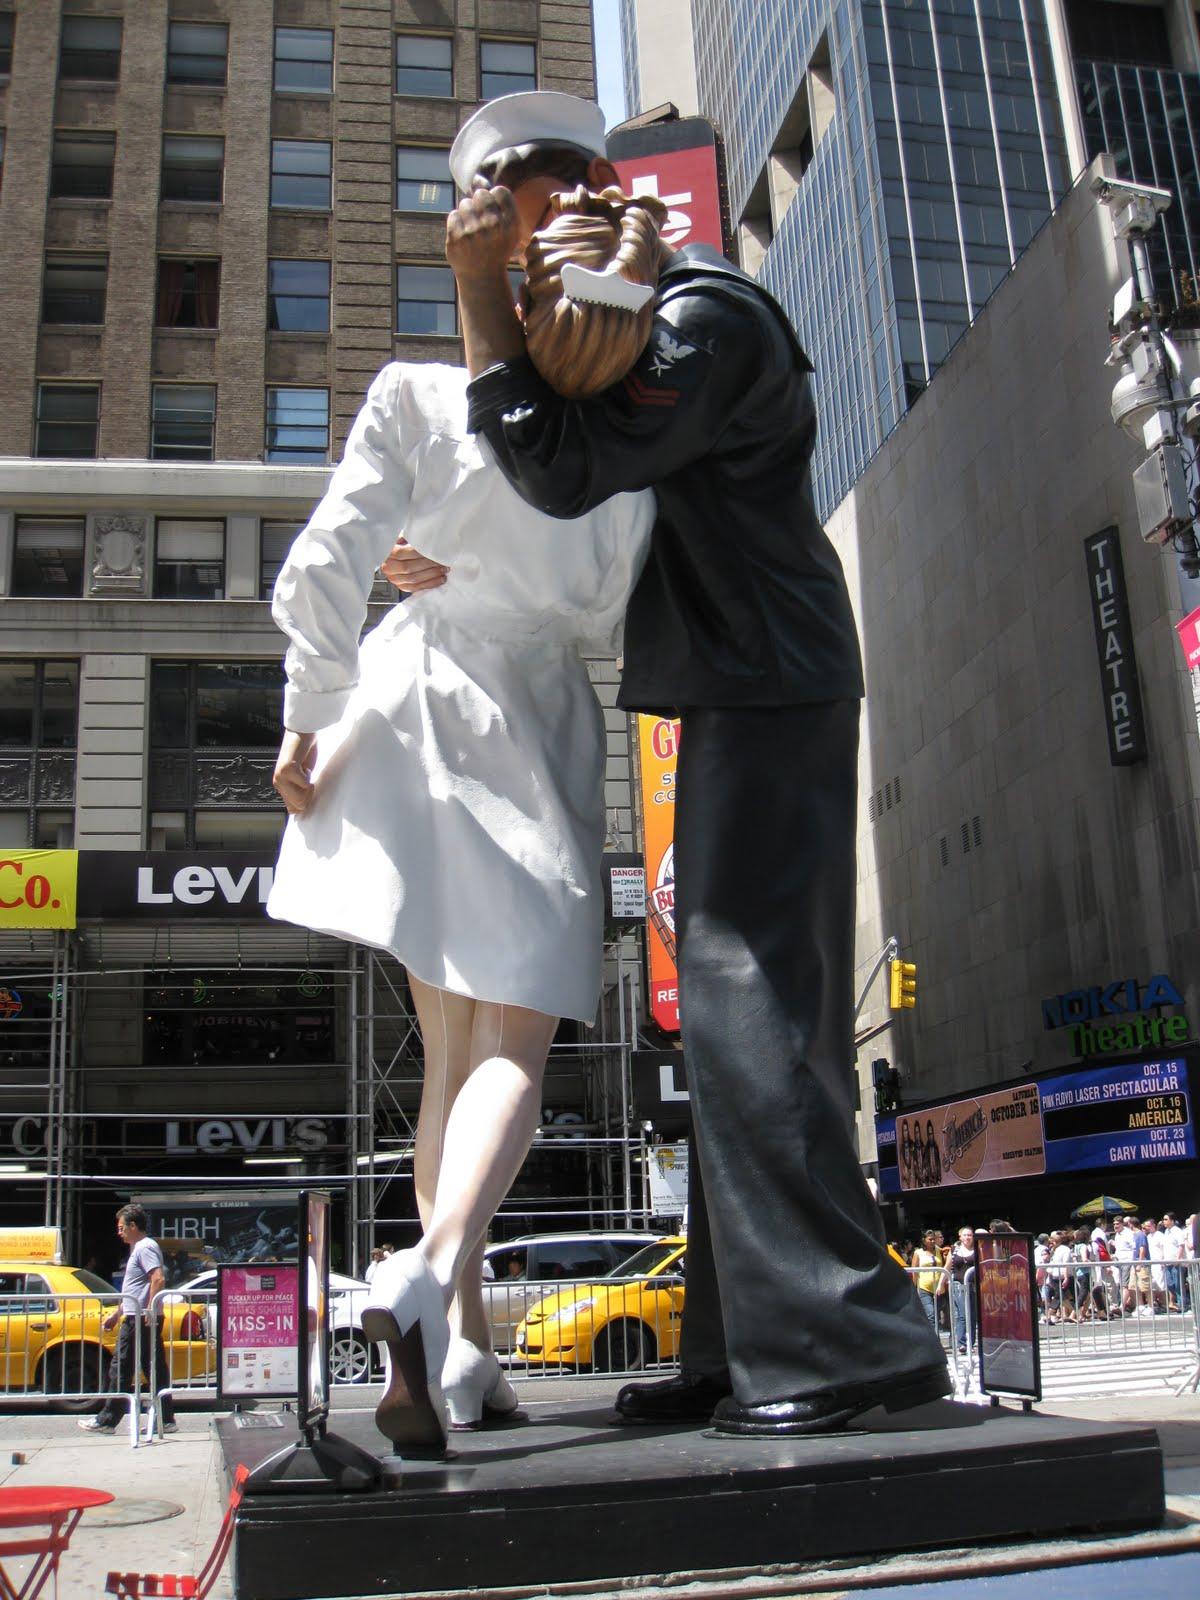 http://3.bp.blogspot.com/_kng9nNTclfs/TGhqToxSB1I/AAAAAAAABYs/xQ59qv5UEq0/s1600/Kiss_sculpture_TimesSquare_01.JPG